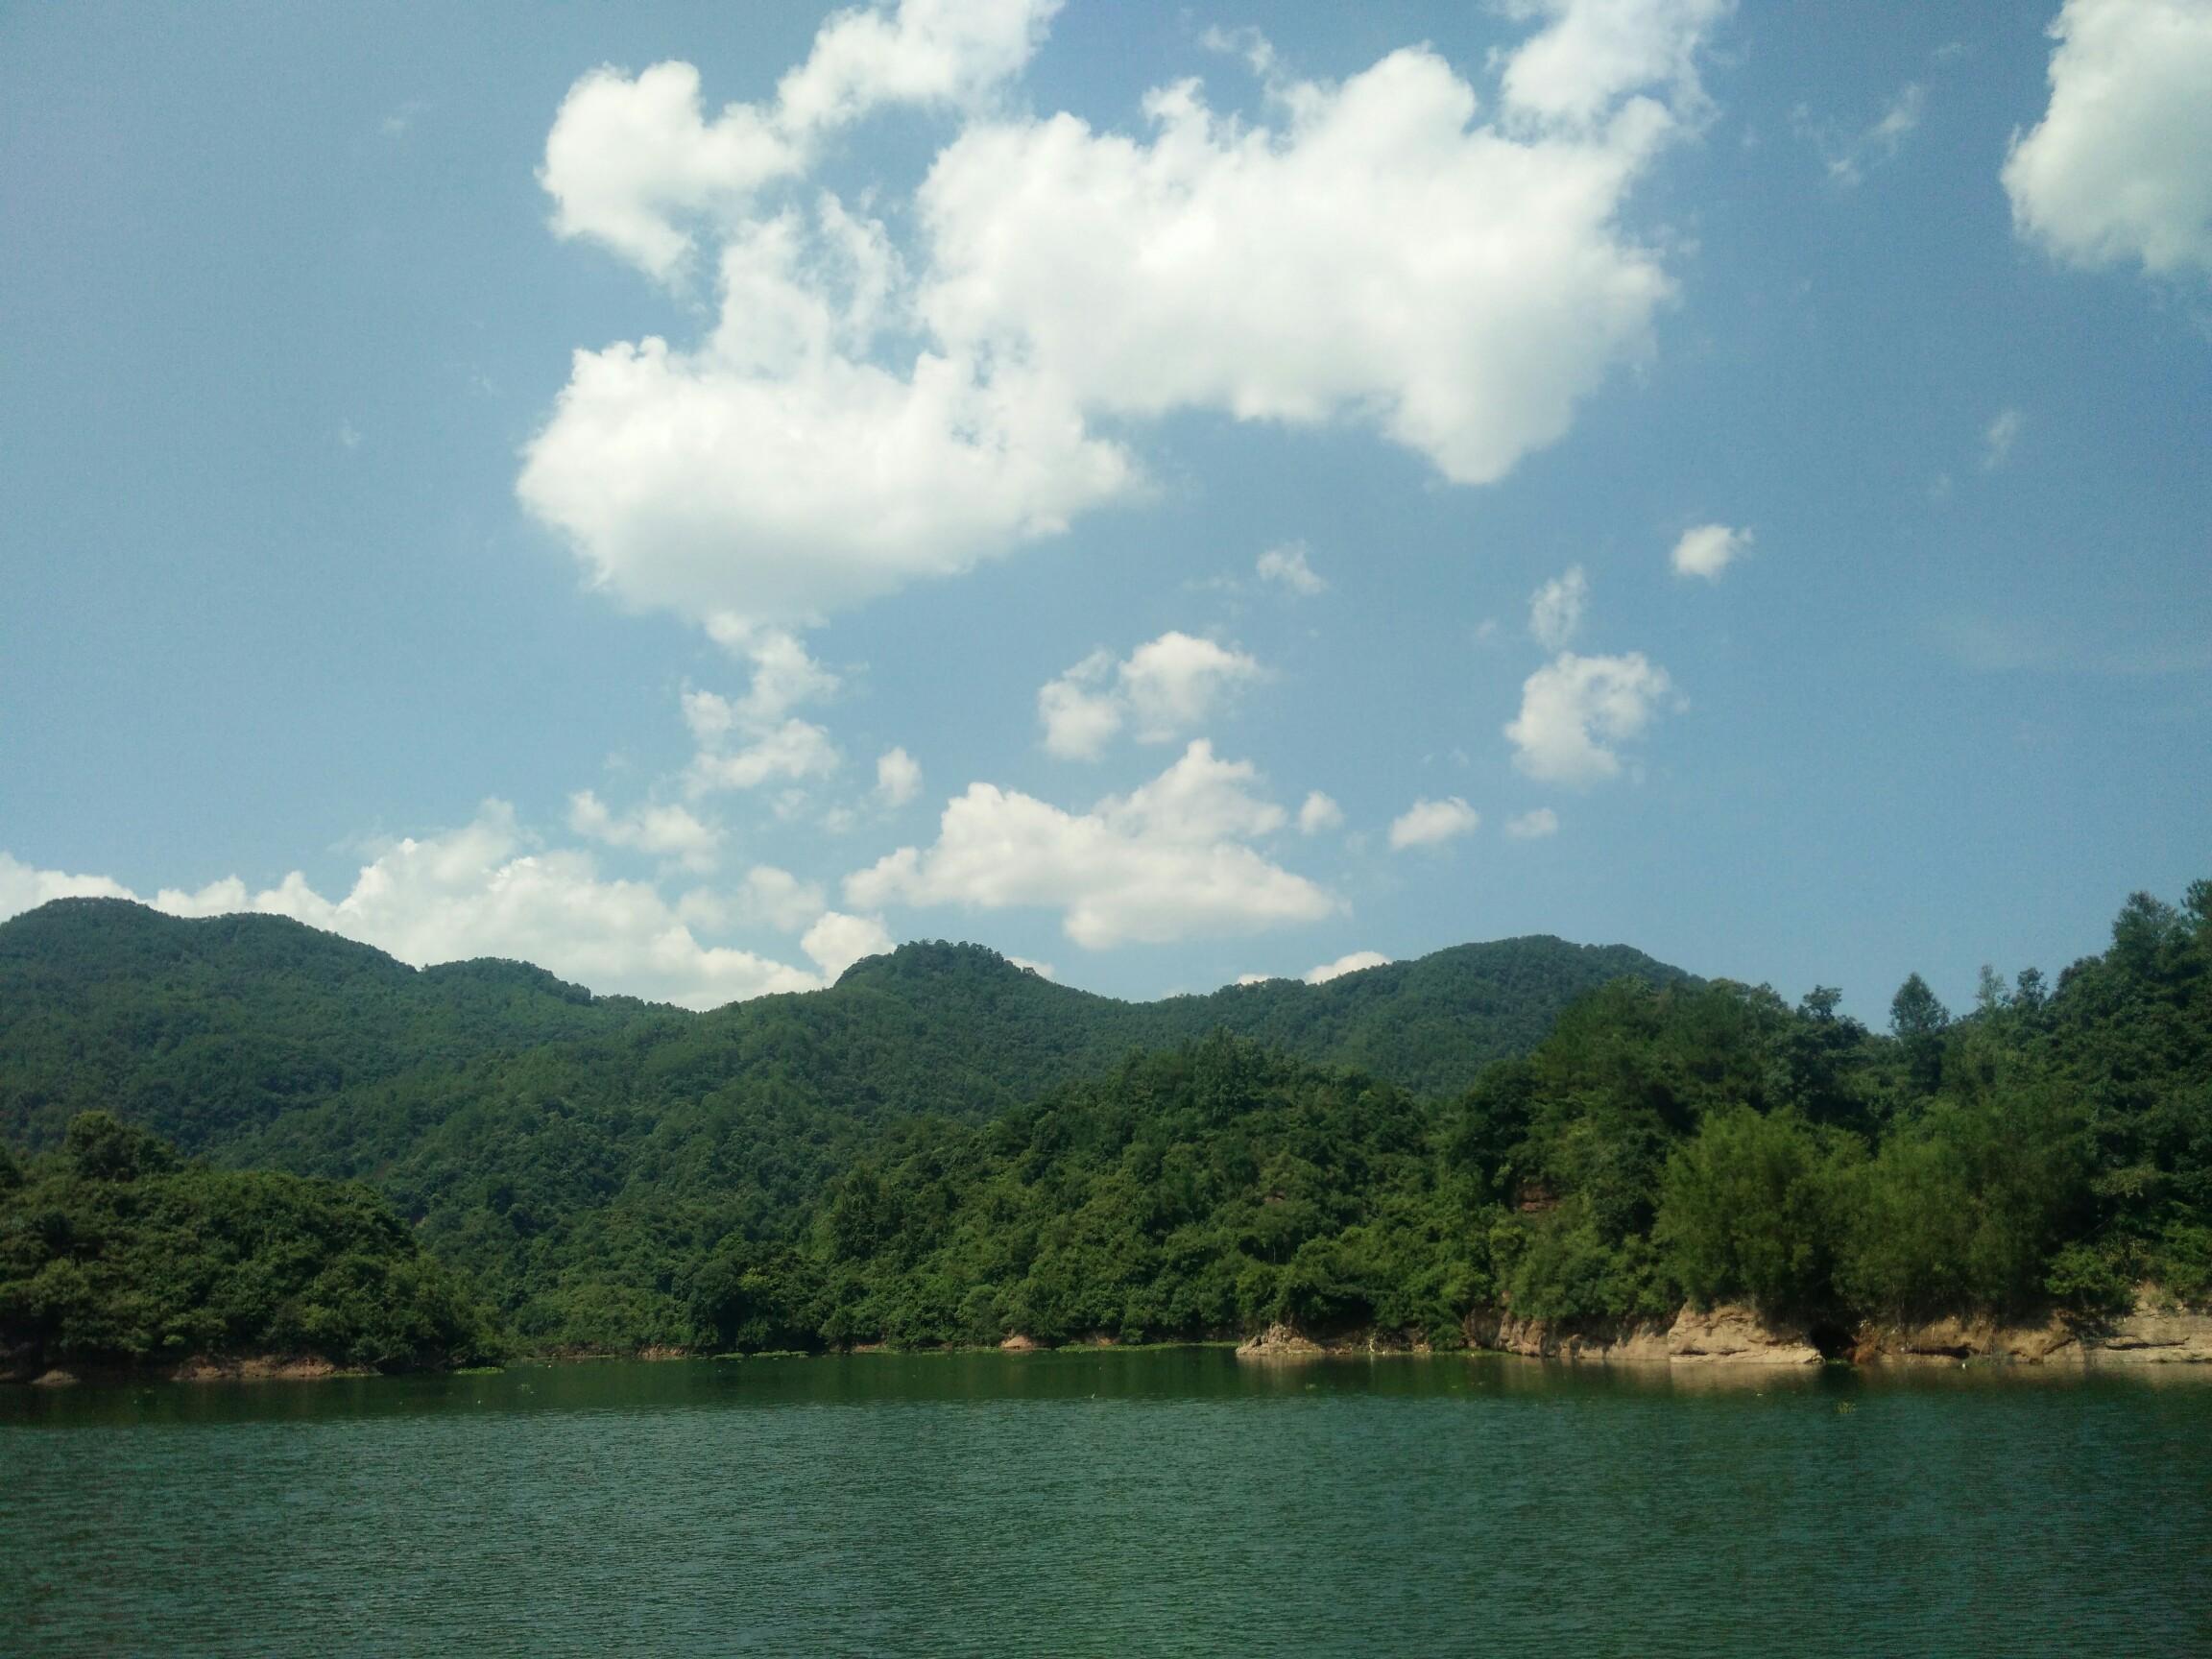 龙川县贝岭镇枫树坝库区